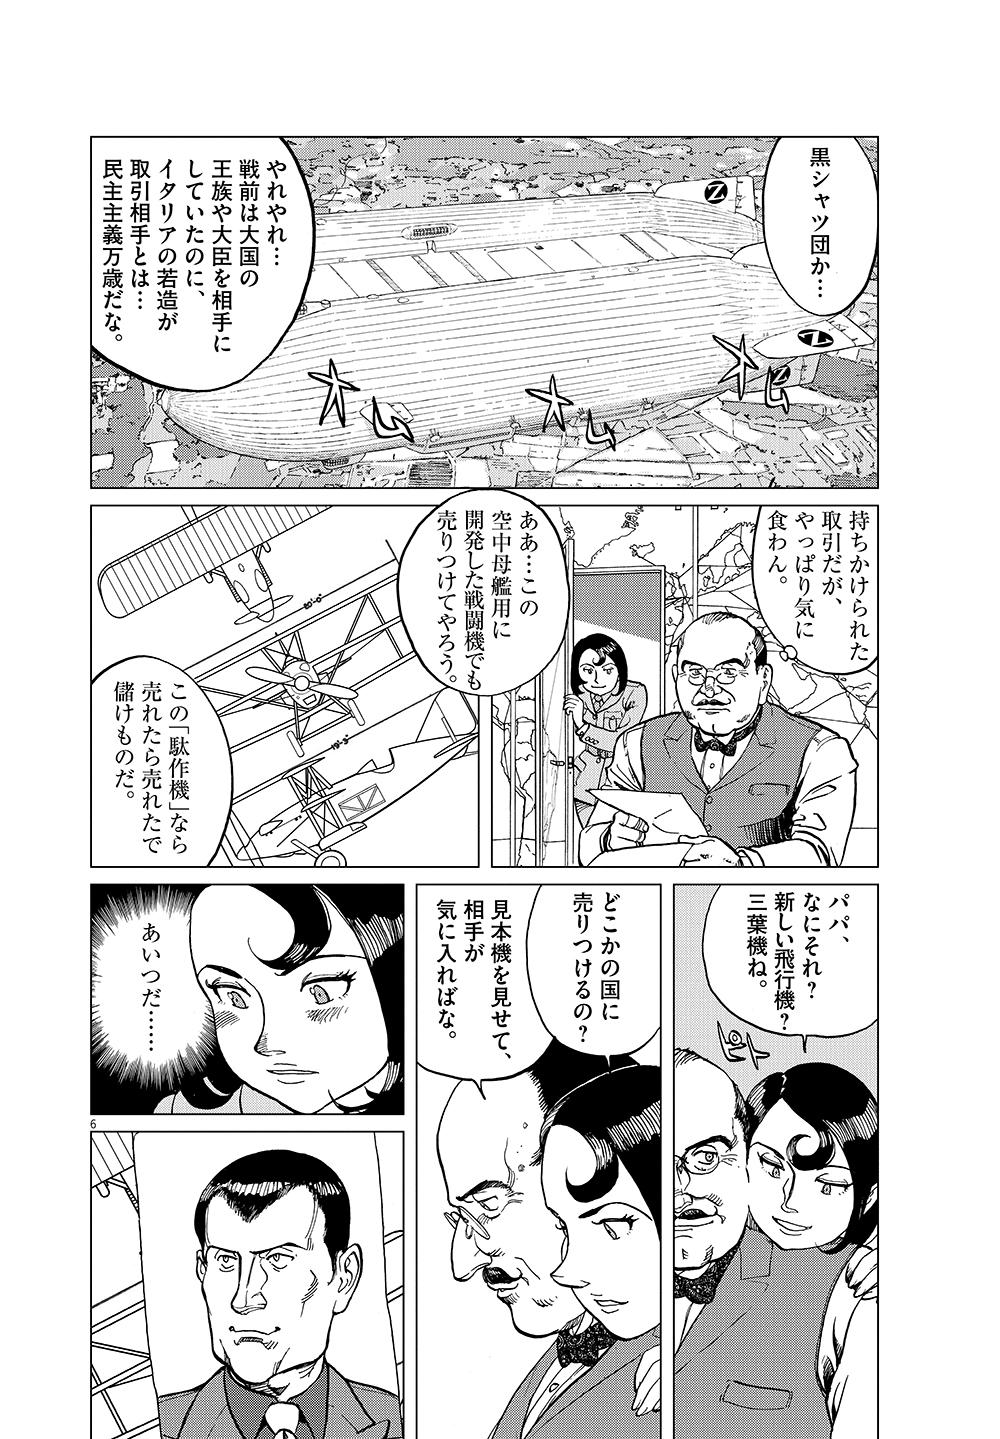 女流飛行士マリア・マンテガッツァの冒険 第十九話6ページ目画像